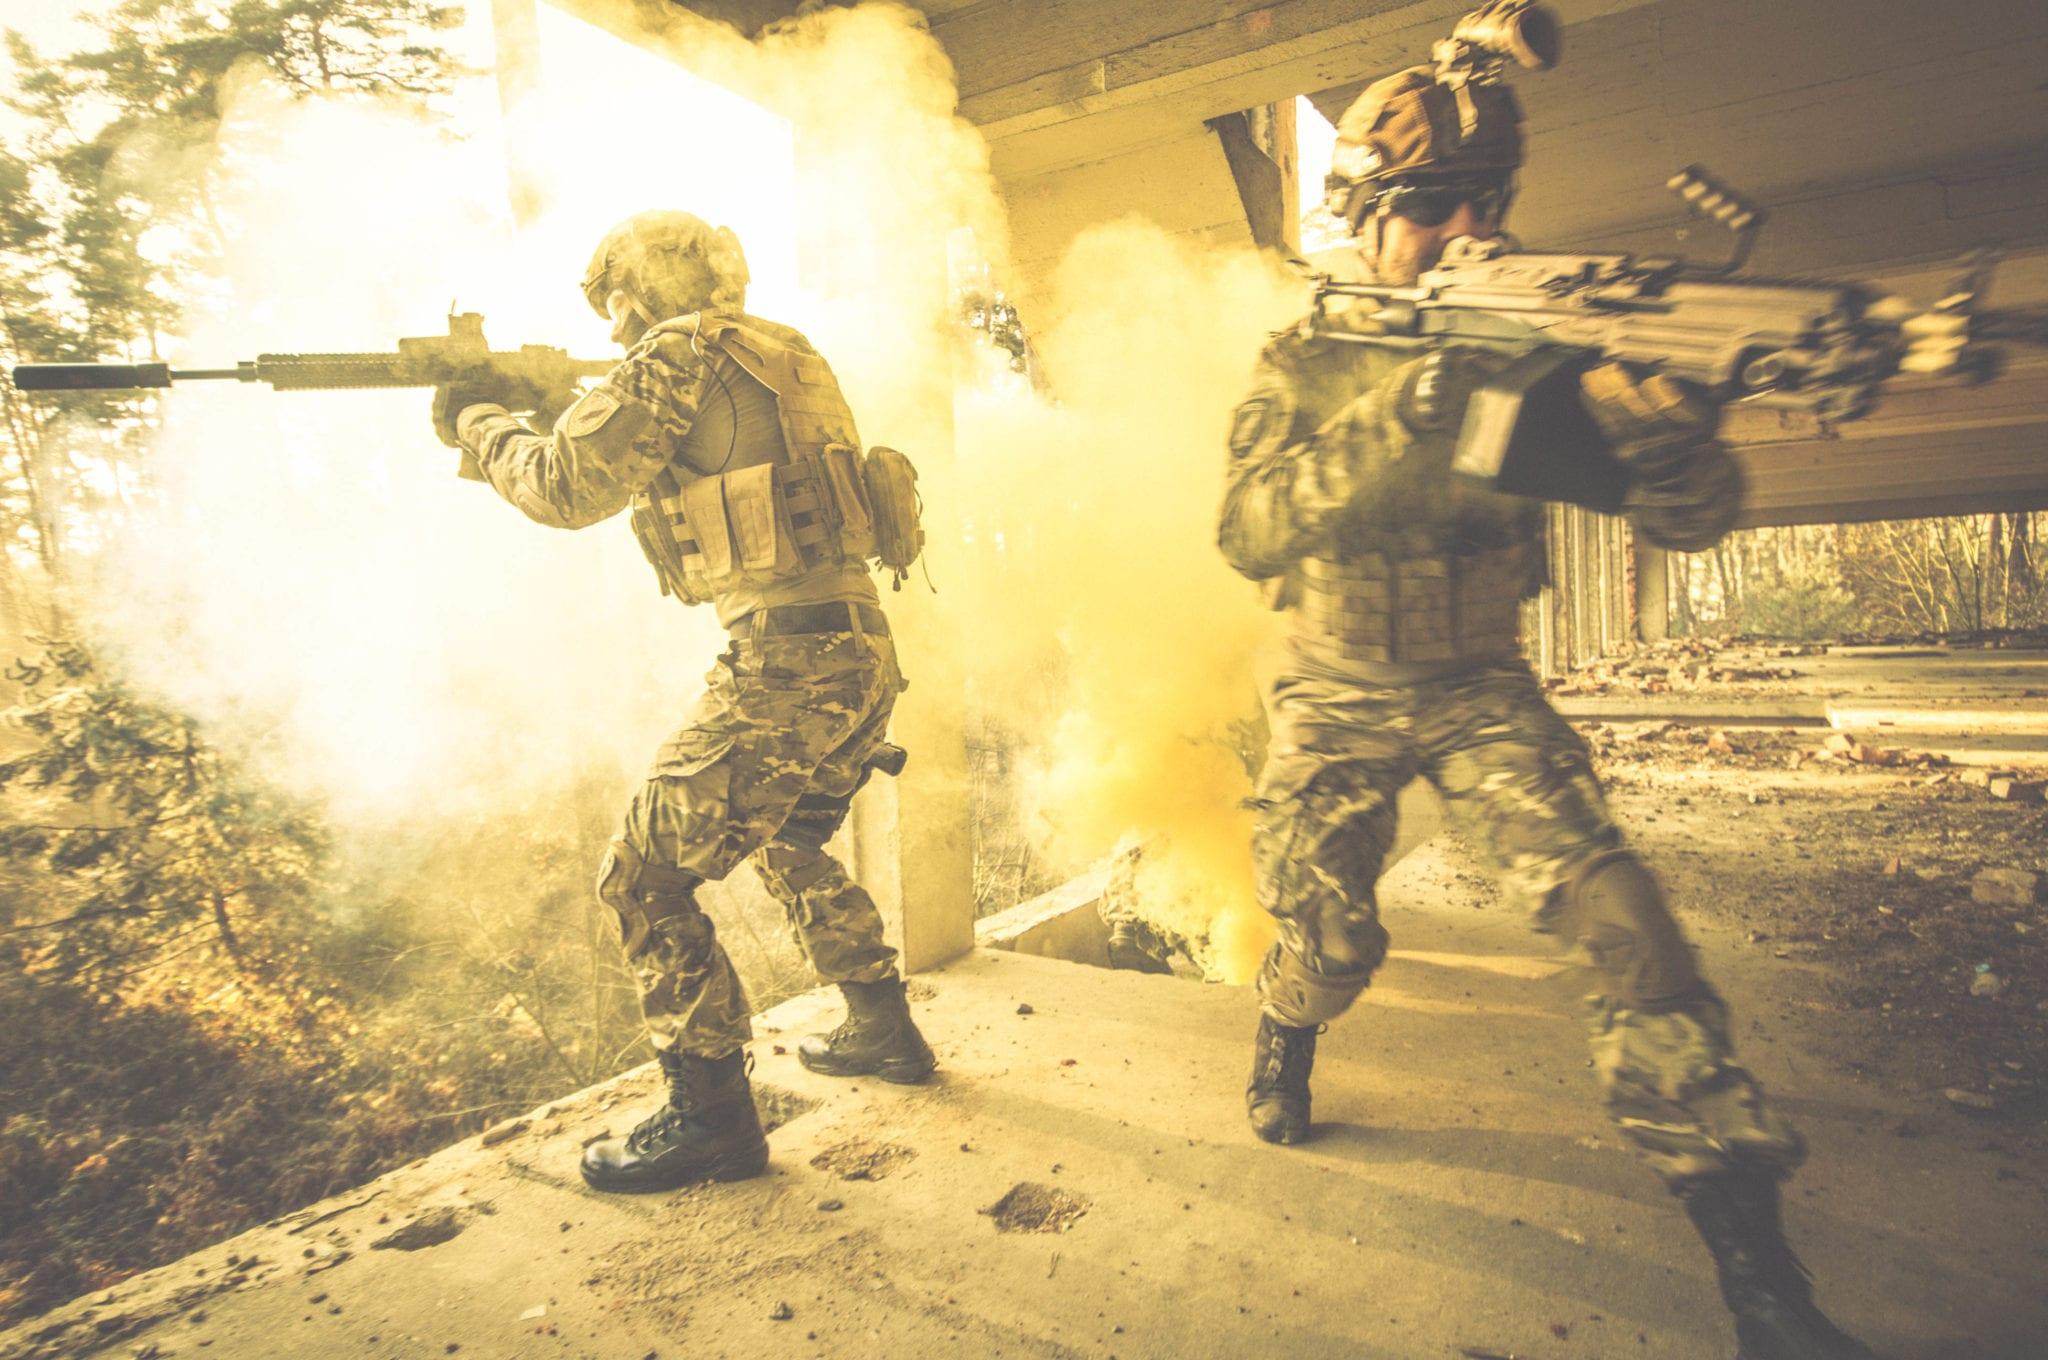 Systemy oporządzenia taktycznego: ALICE, IIFS, MOLLE